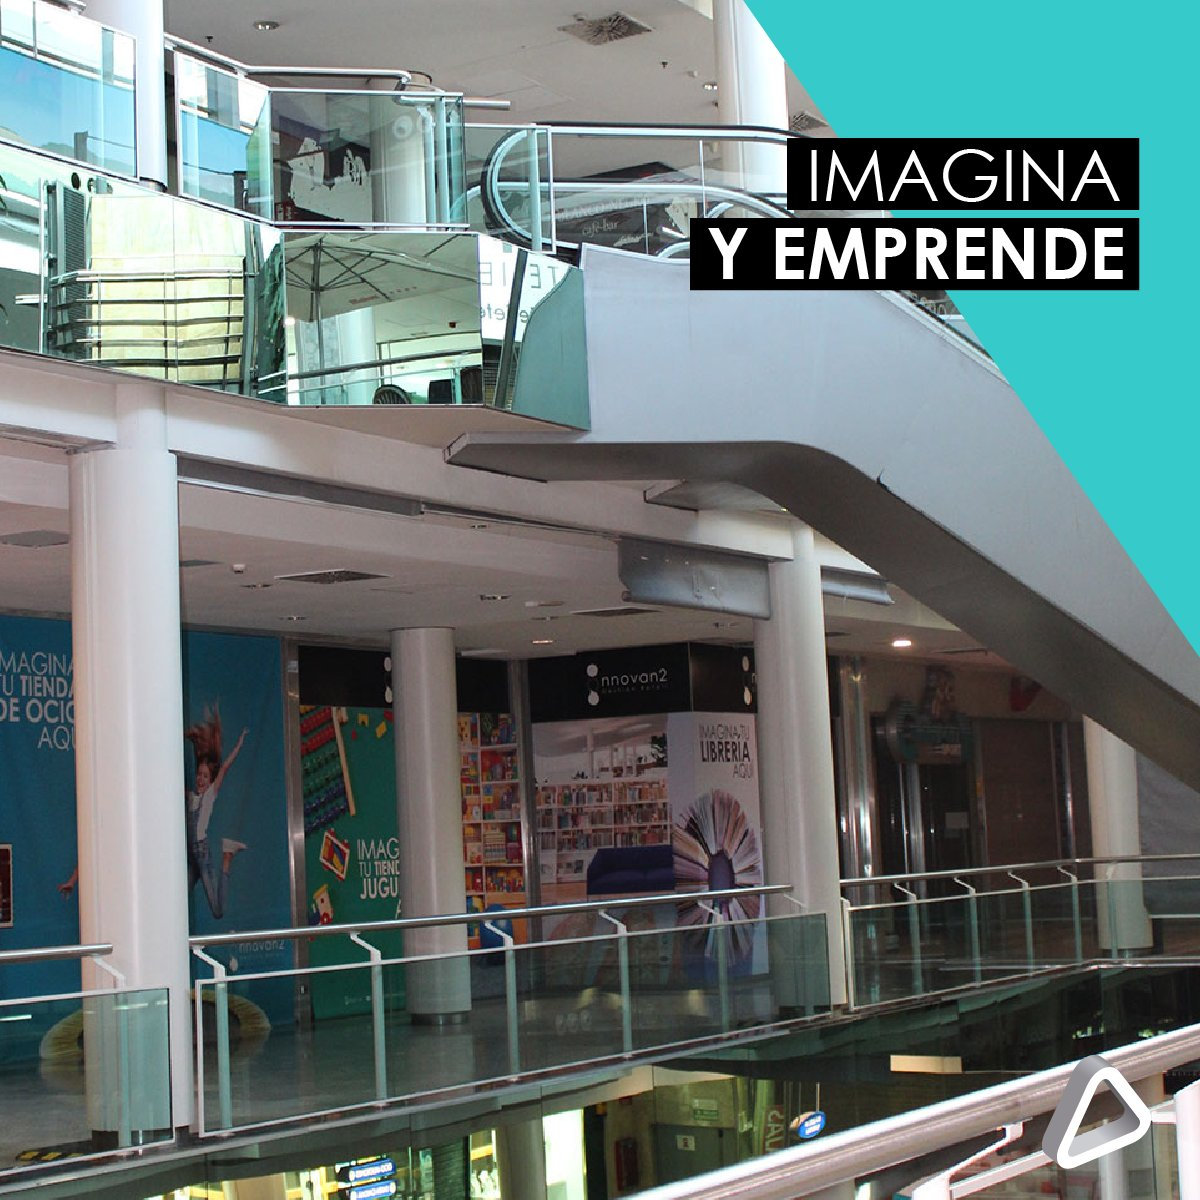 Foto cedida por Alcalá Norte